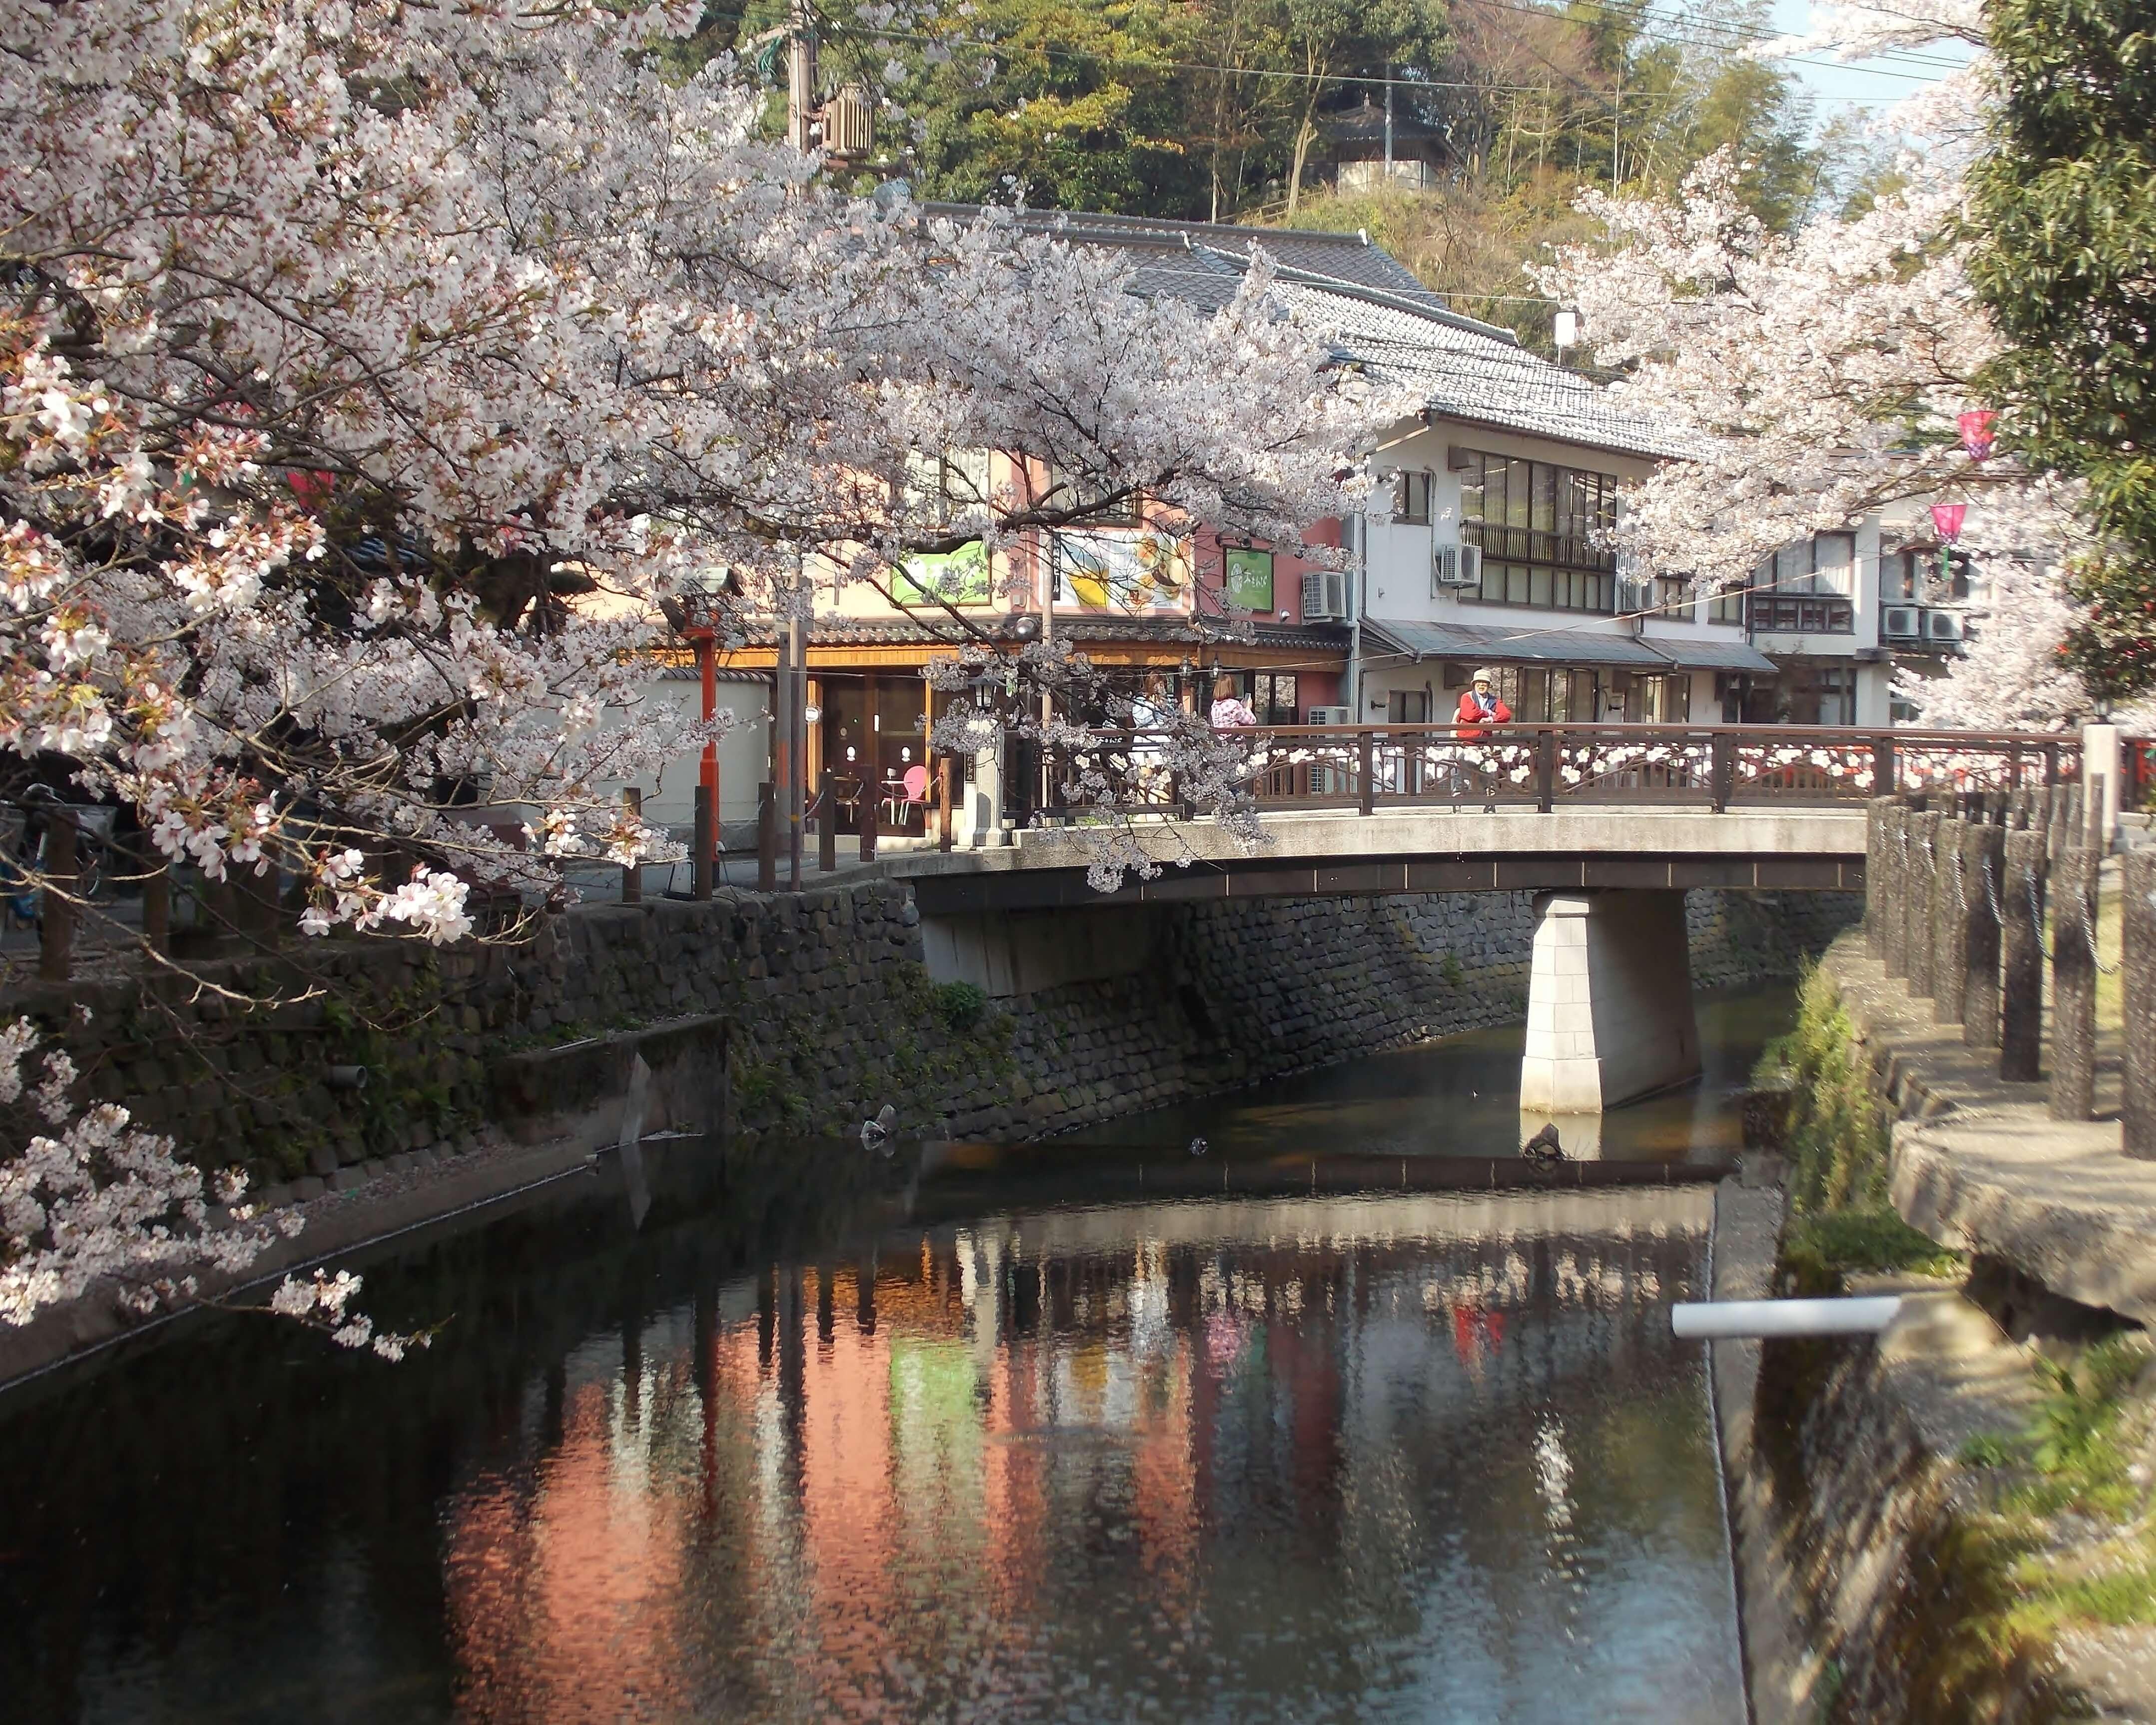 Que faire à Tokyo au printemps ? Prendre le temps de respirer la sérénité et fêter le Hanami, la célébration de la floraison des sakuras, magnifiques cerisiers ornementaux.